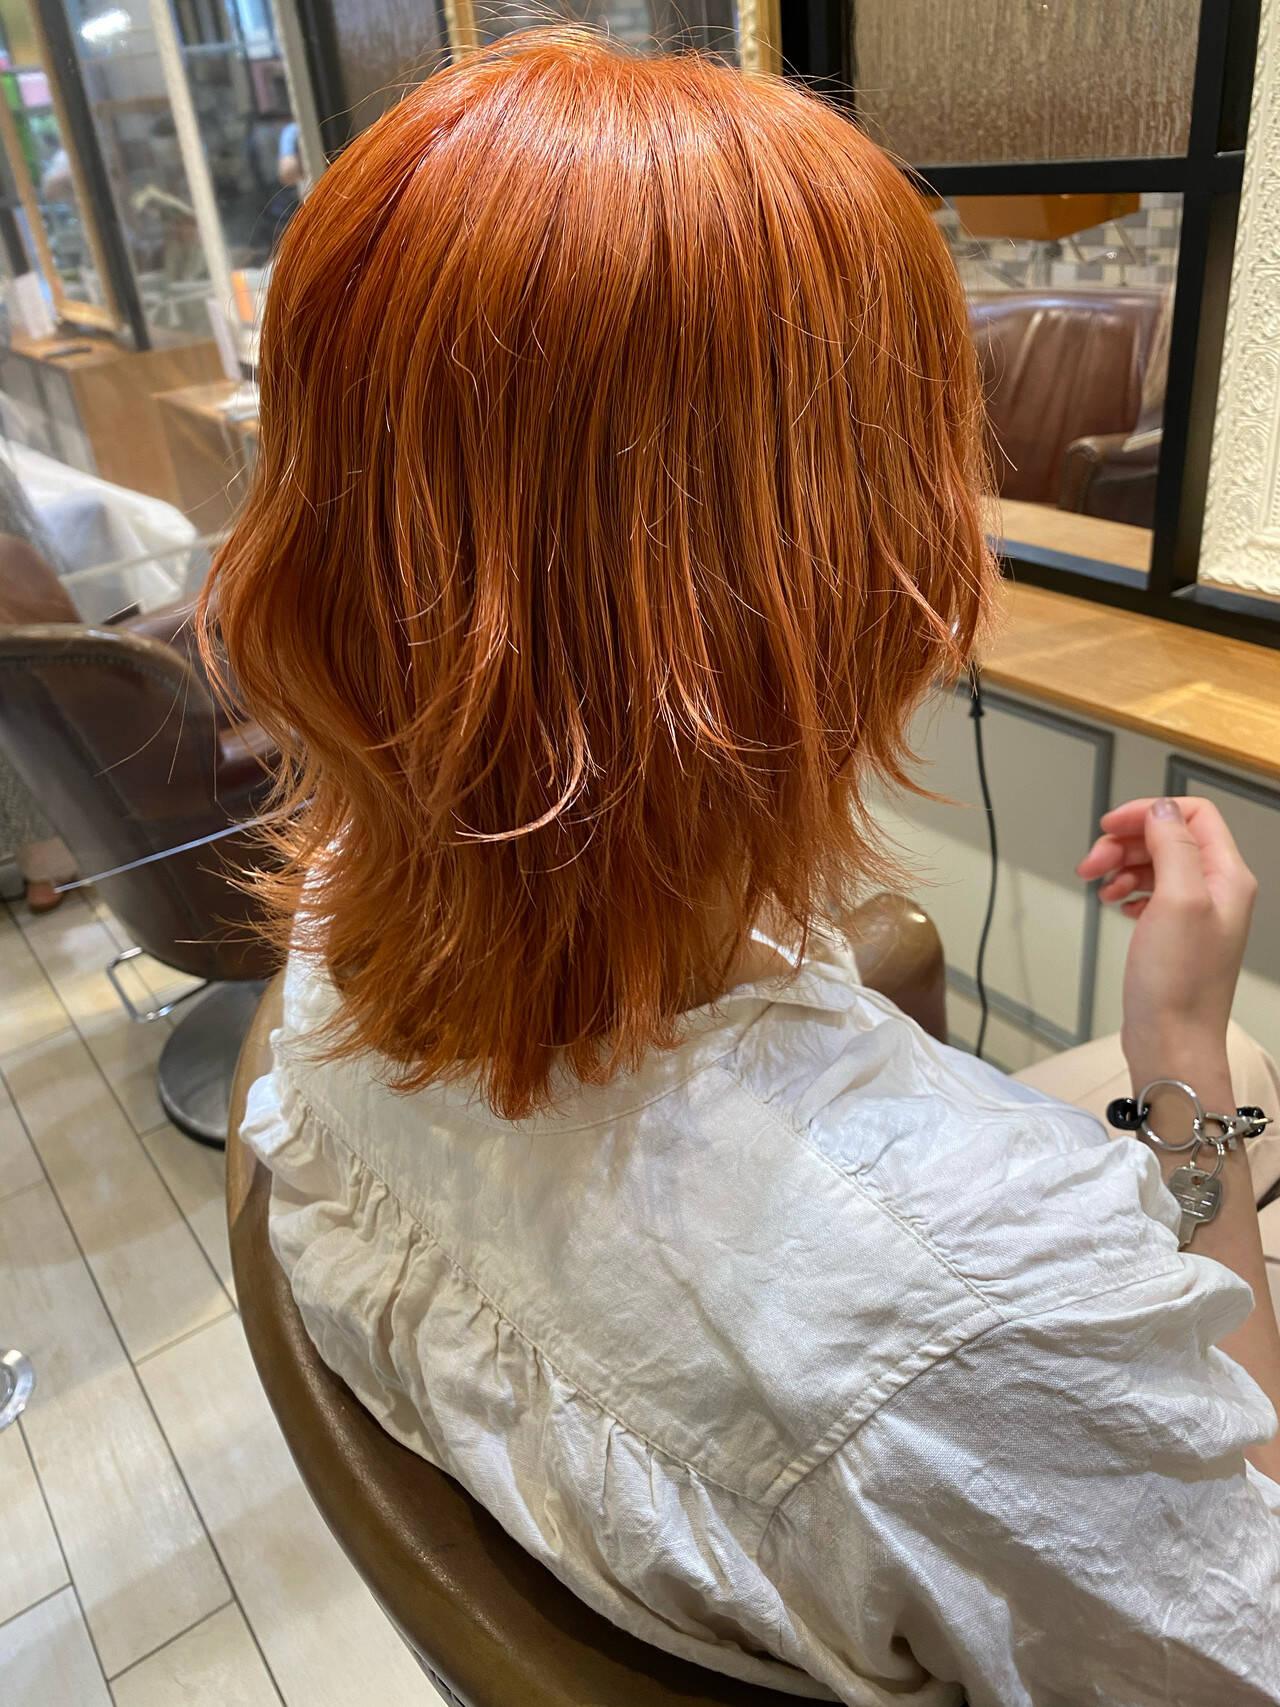 アプリコットオレンジ ハイトーン ウルフカット 外ハネヘアスタイルや髪型の写真・画像